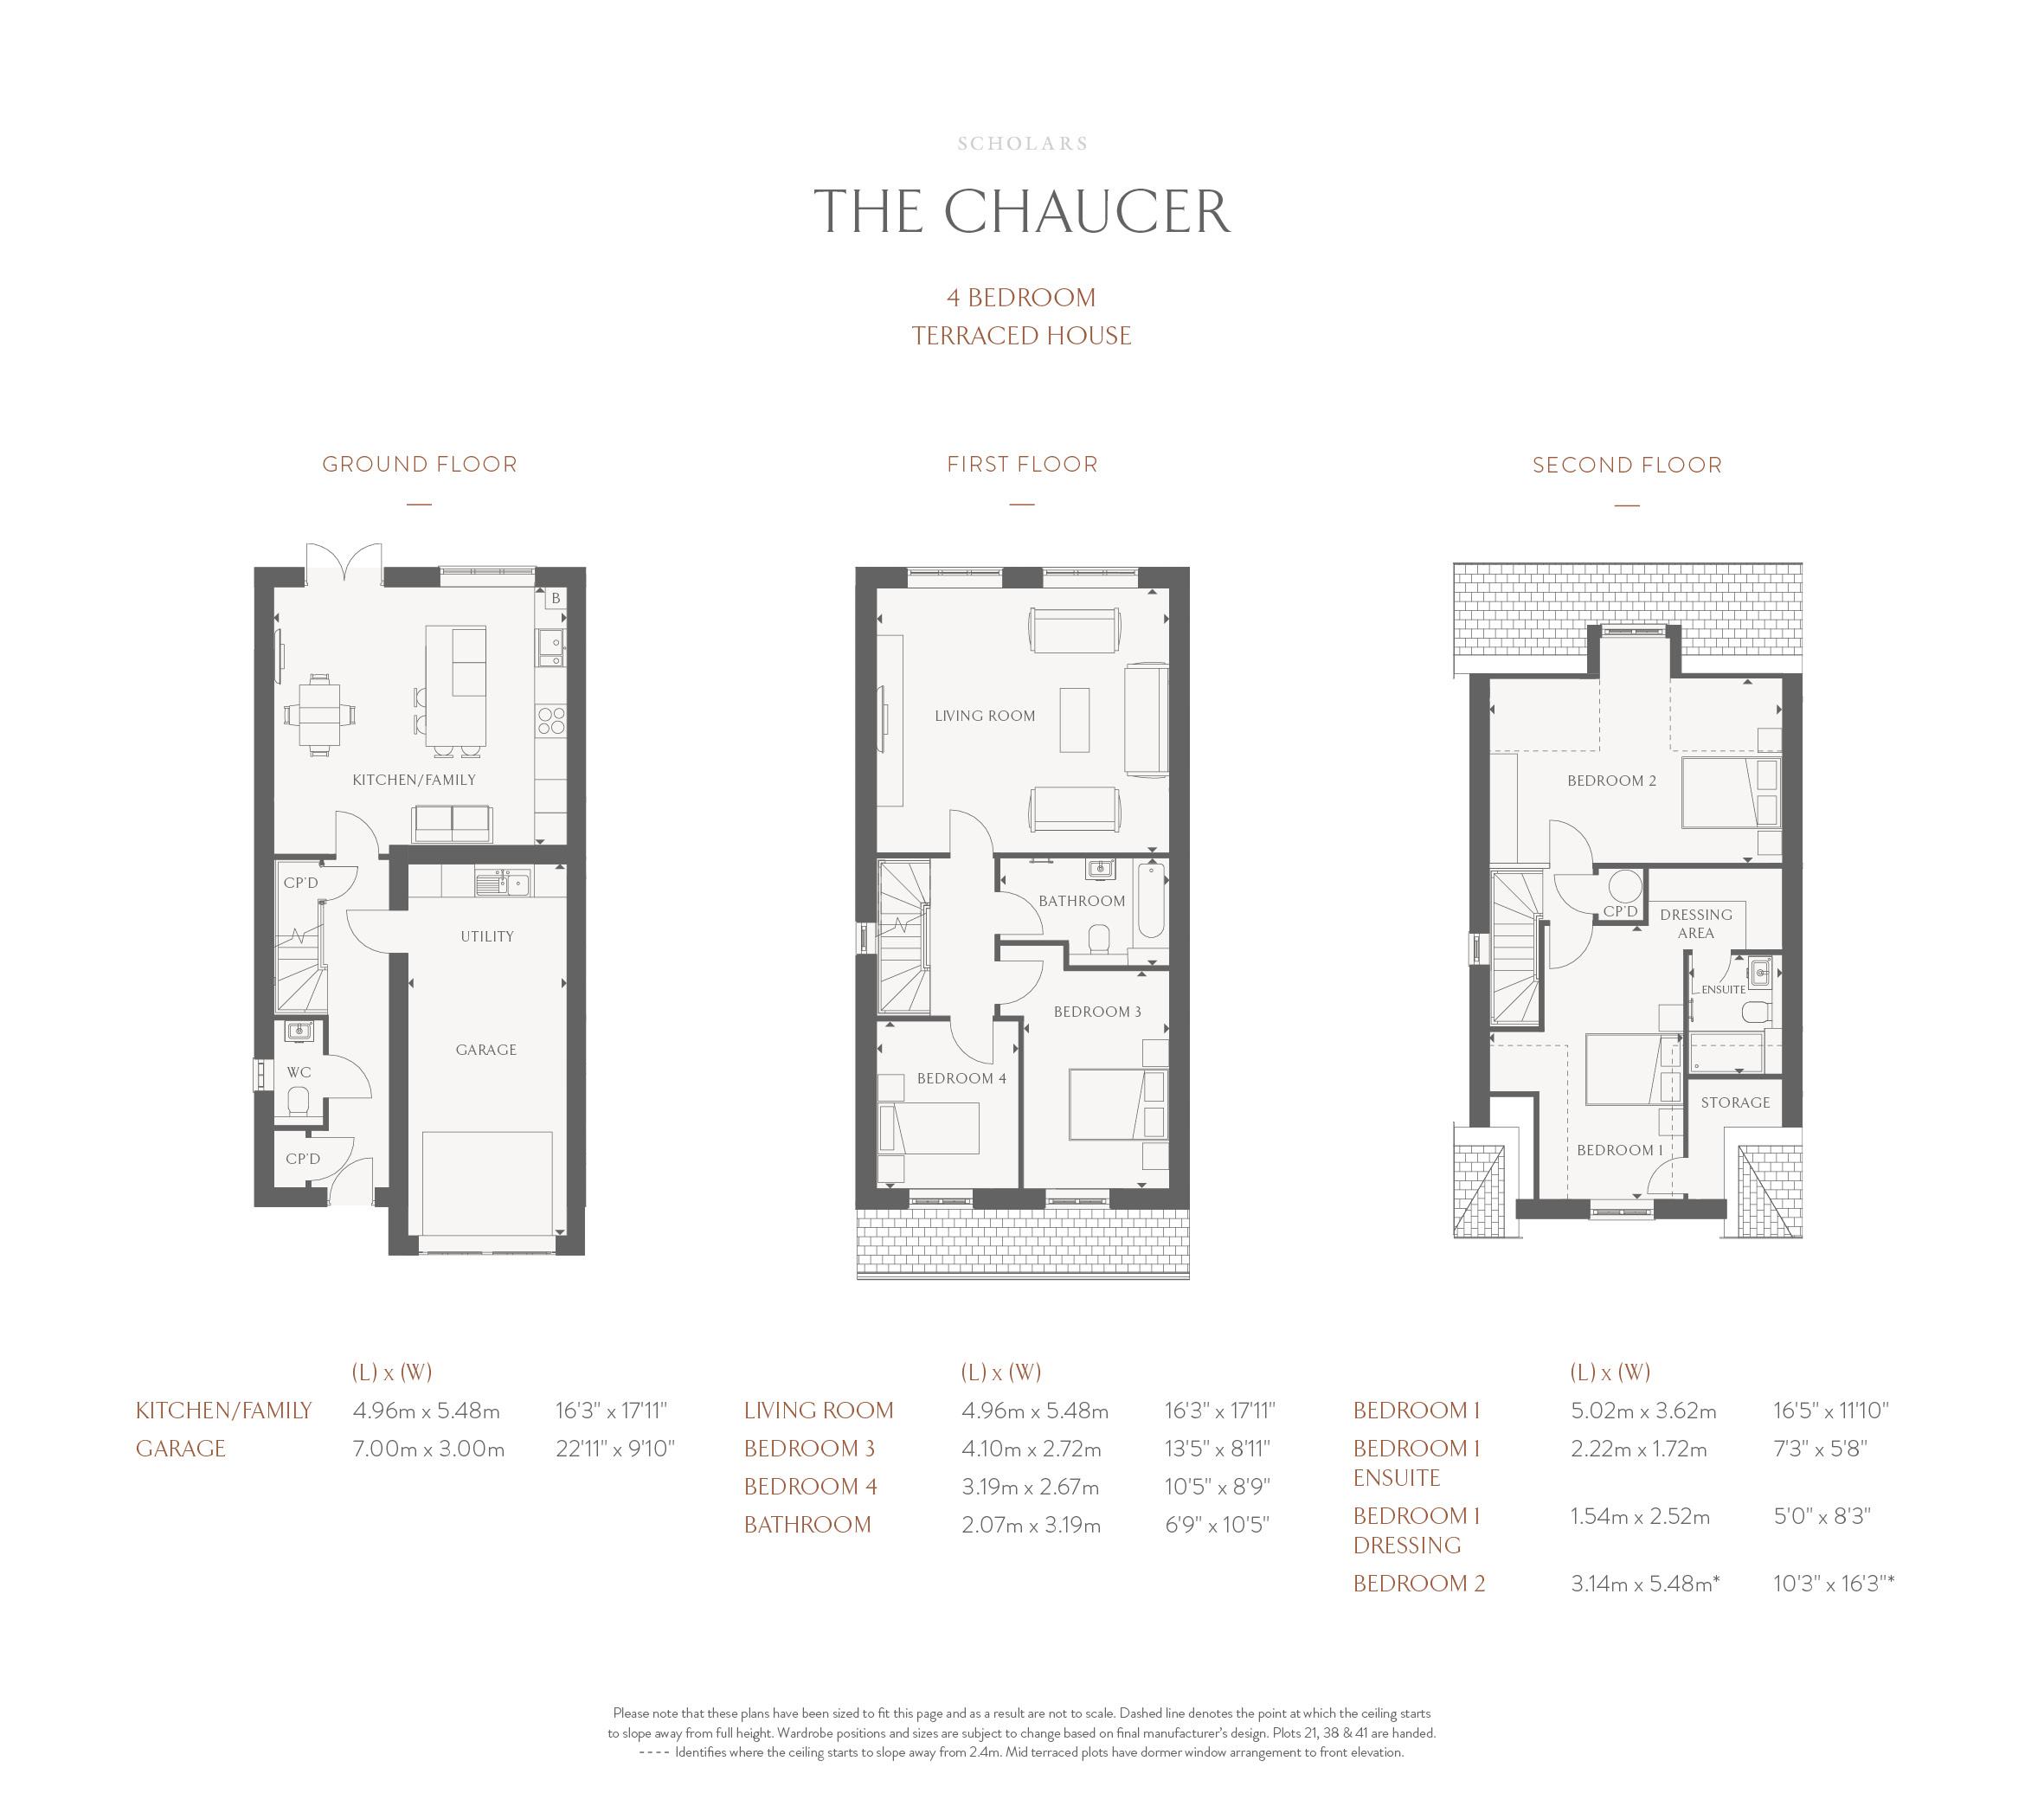 4 Bedroom Terraced House - Chaucer Floor Plan